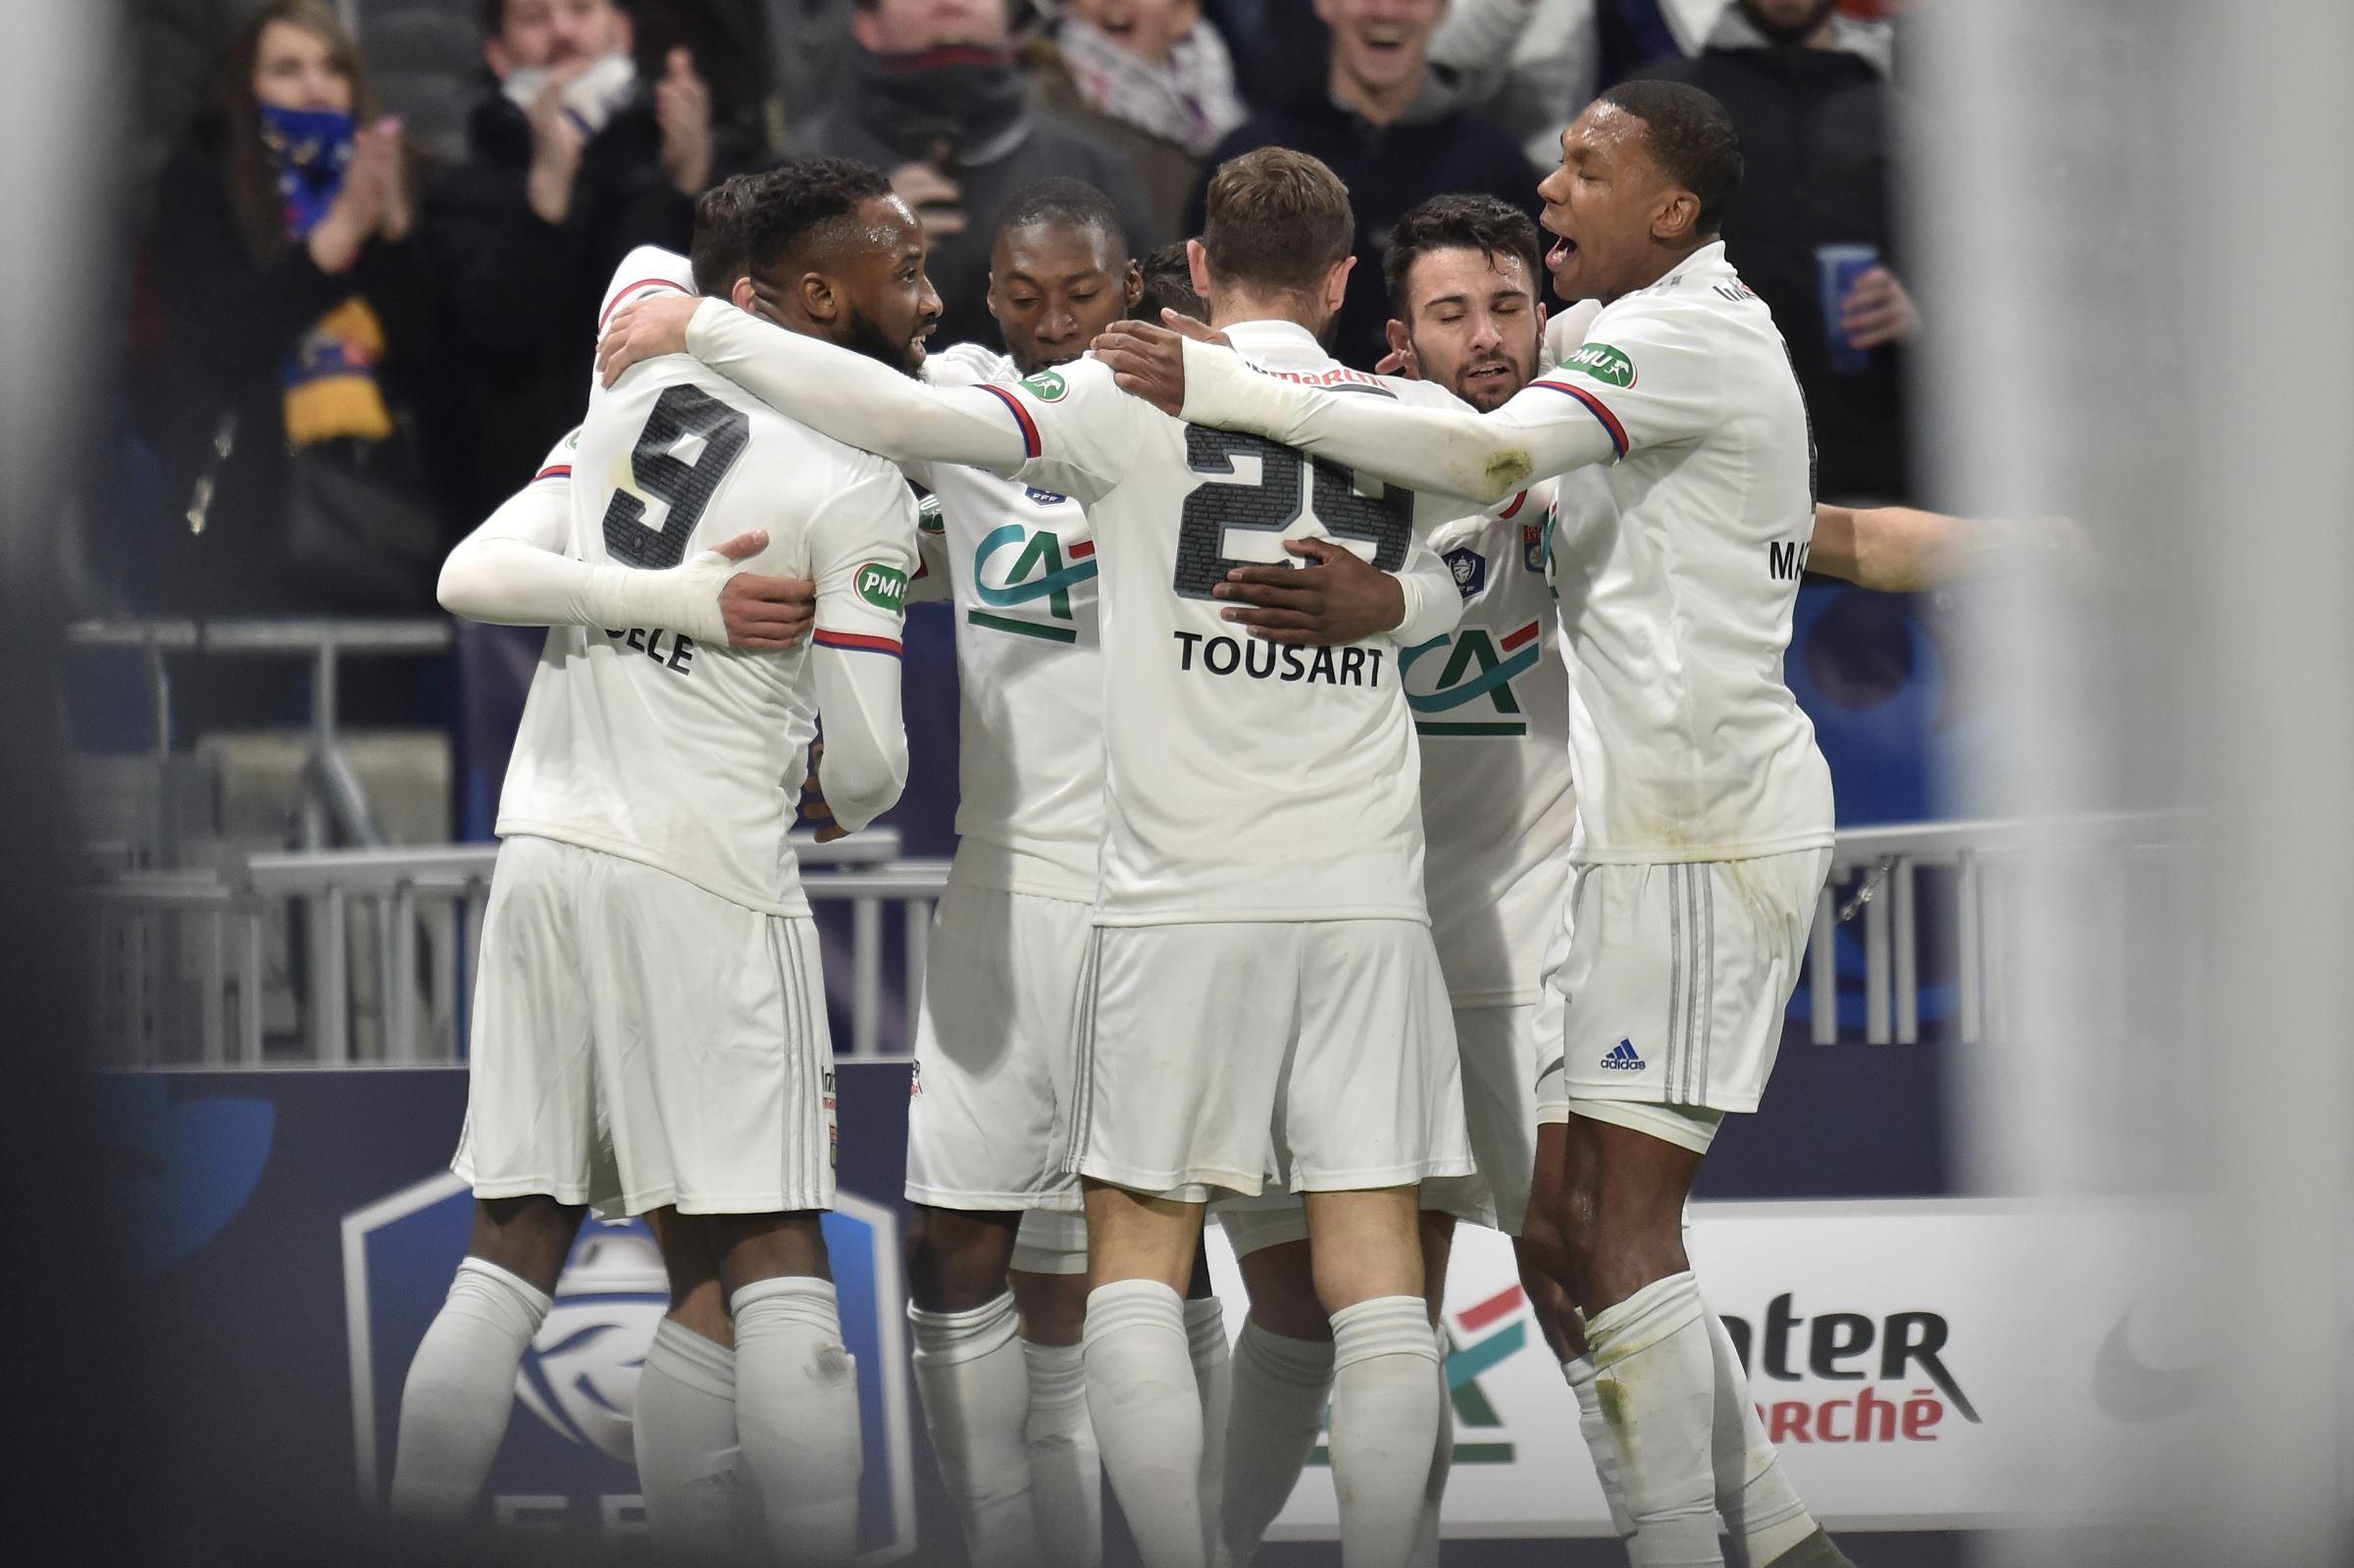 LilleLyon sur quelle chaîne voir le match de Ligue 1 à